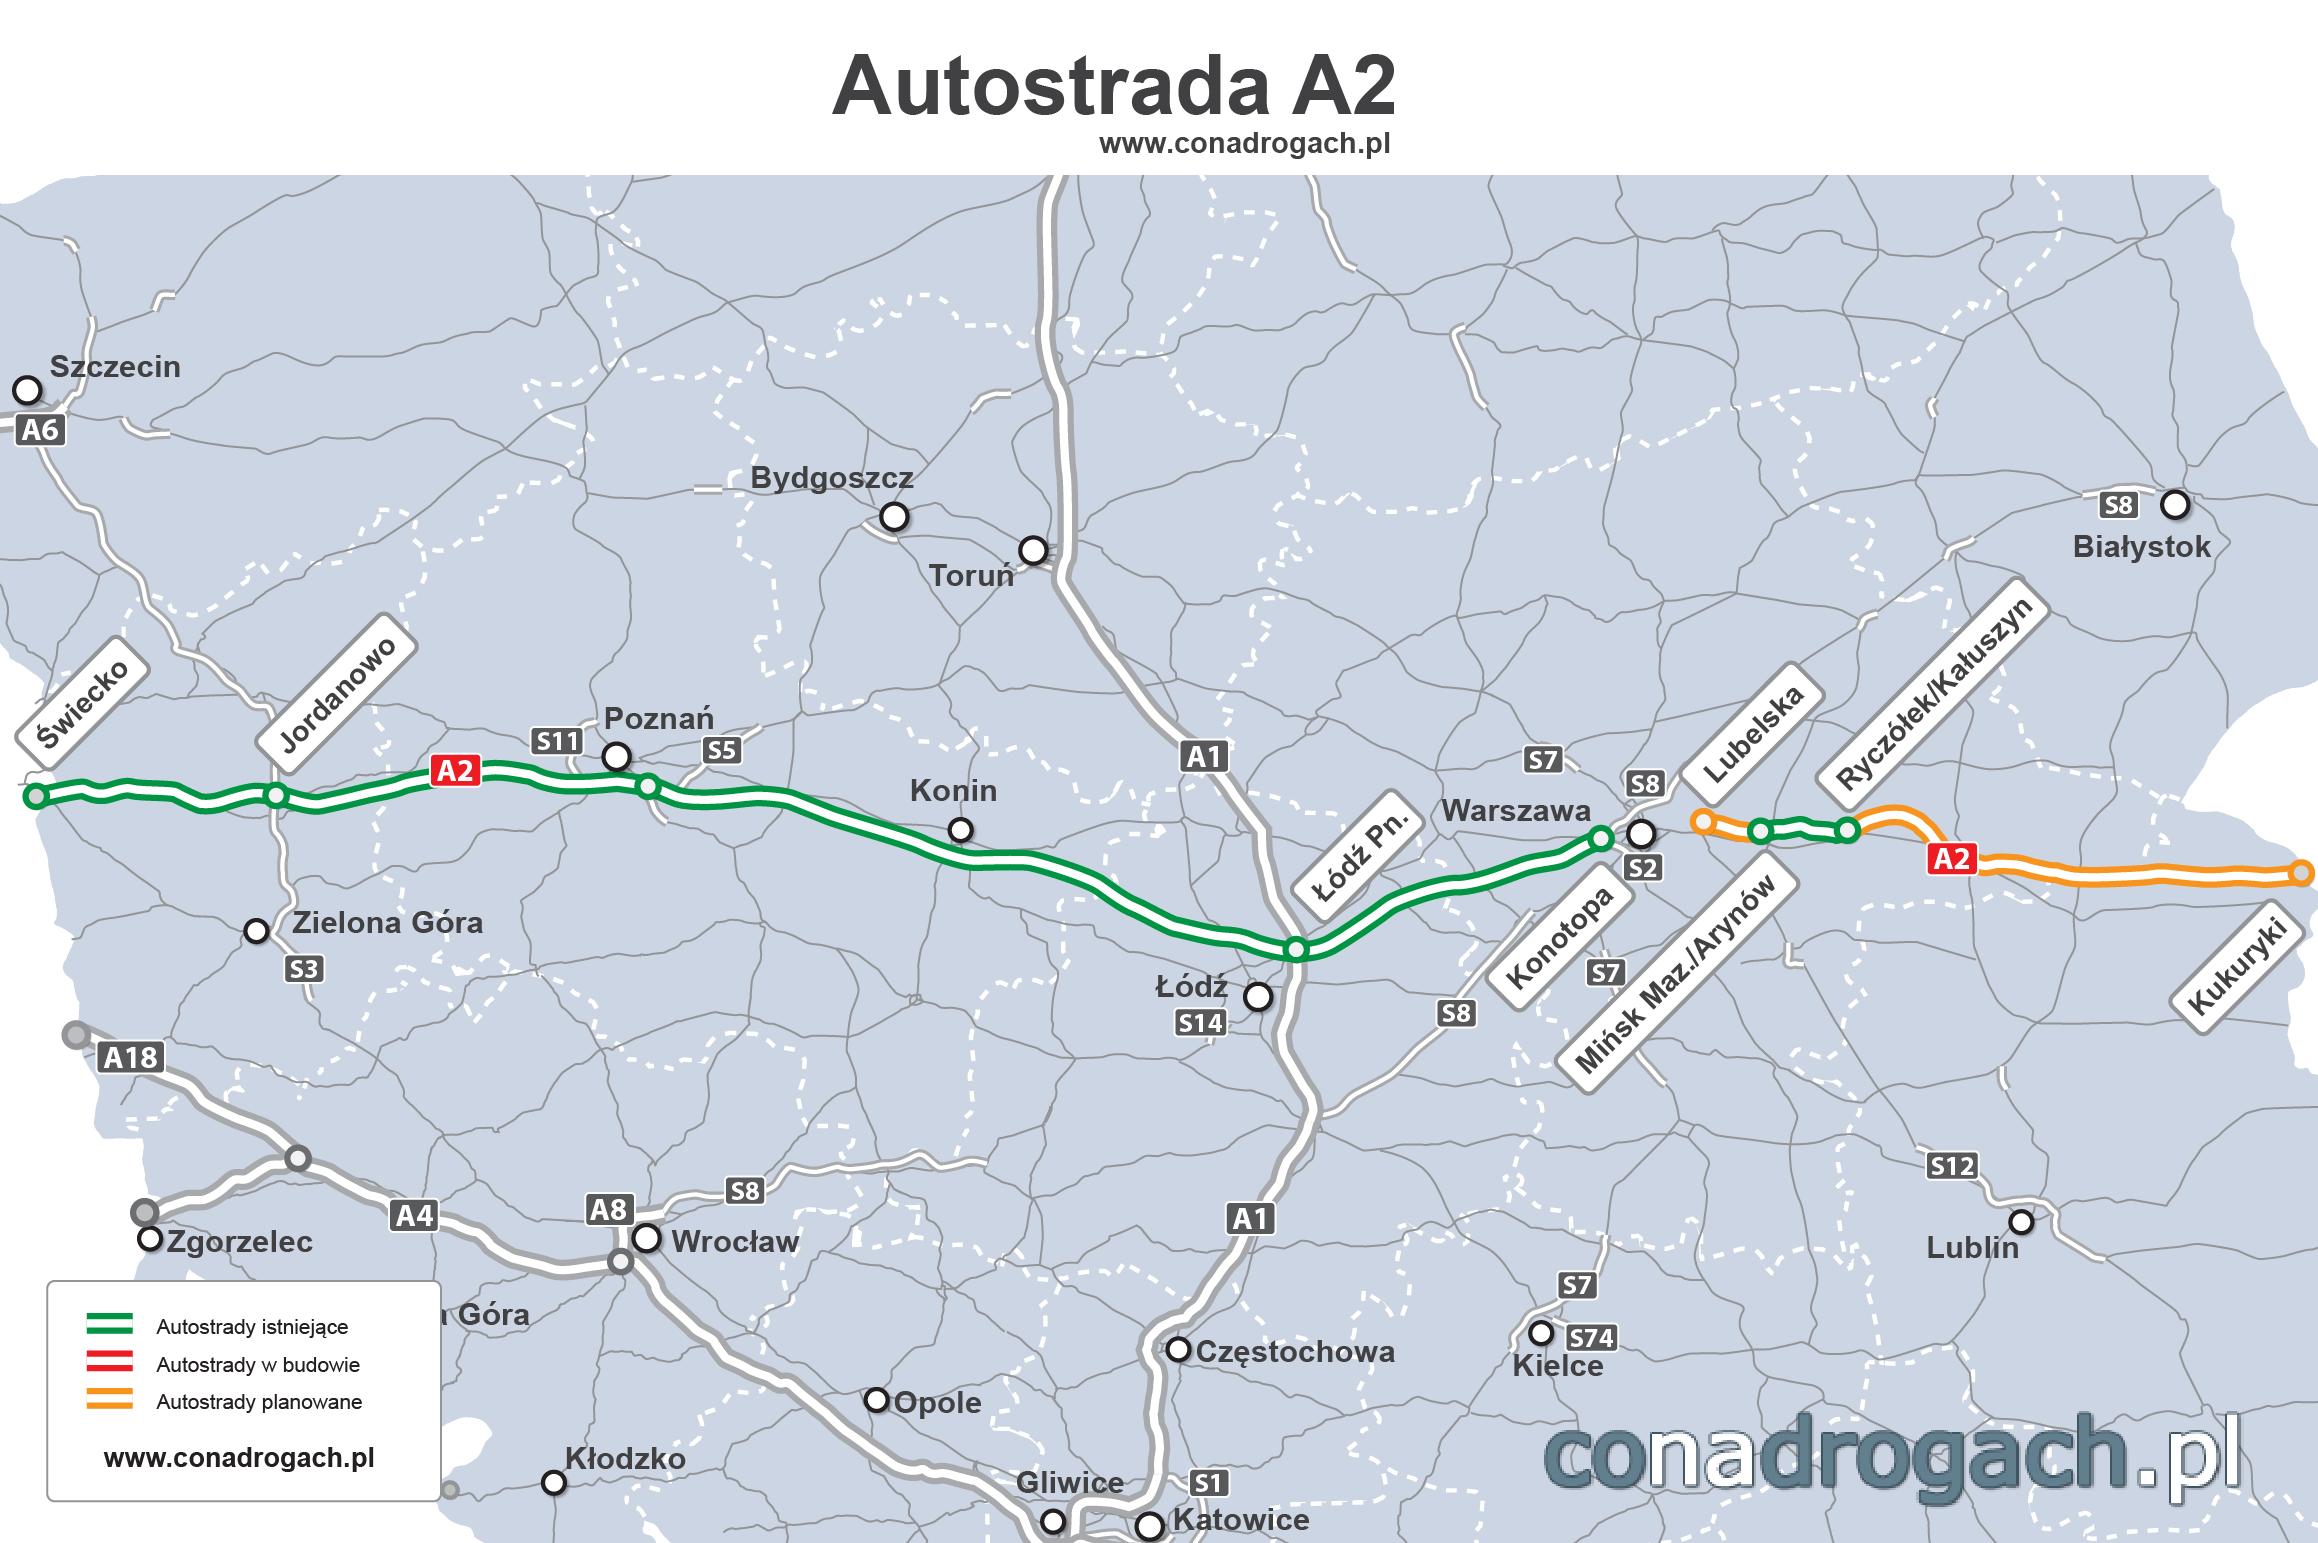 a2 mapa Mapa przebiegu autostrady A2 w Polsce Świecko Poznań Łódź Warszawa  a2 mapa